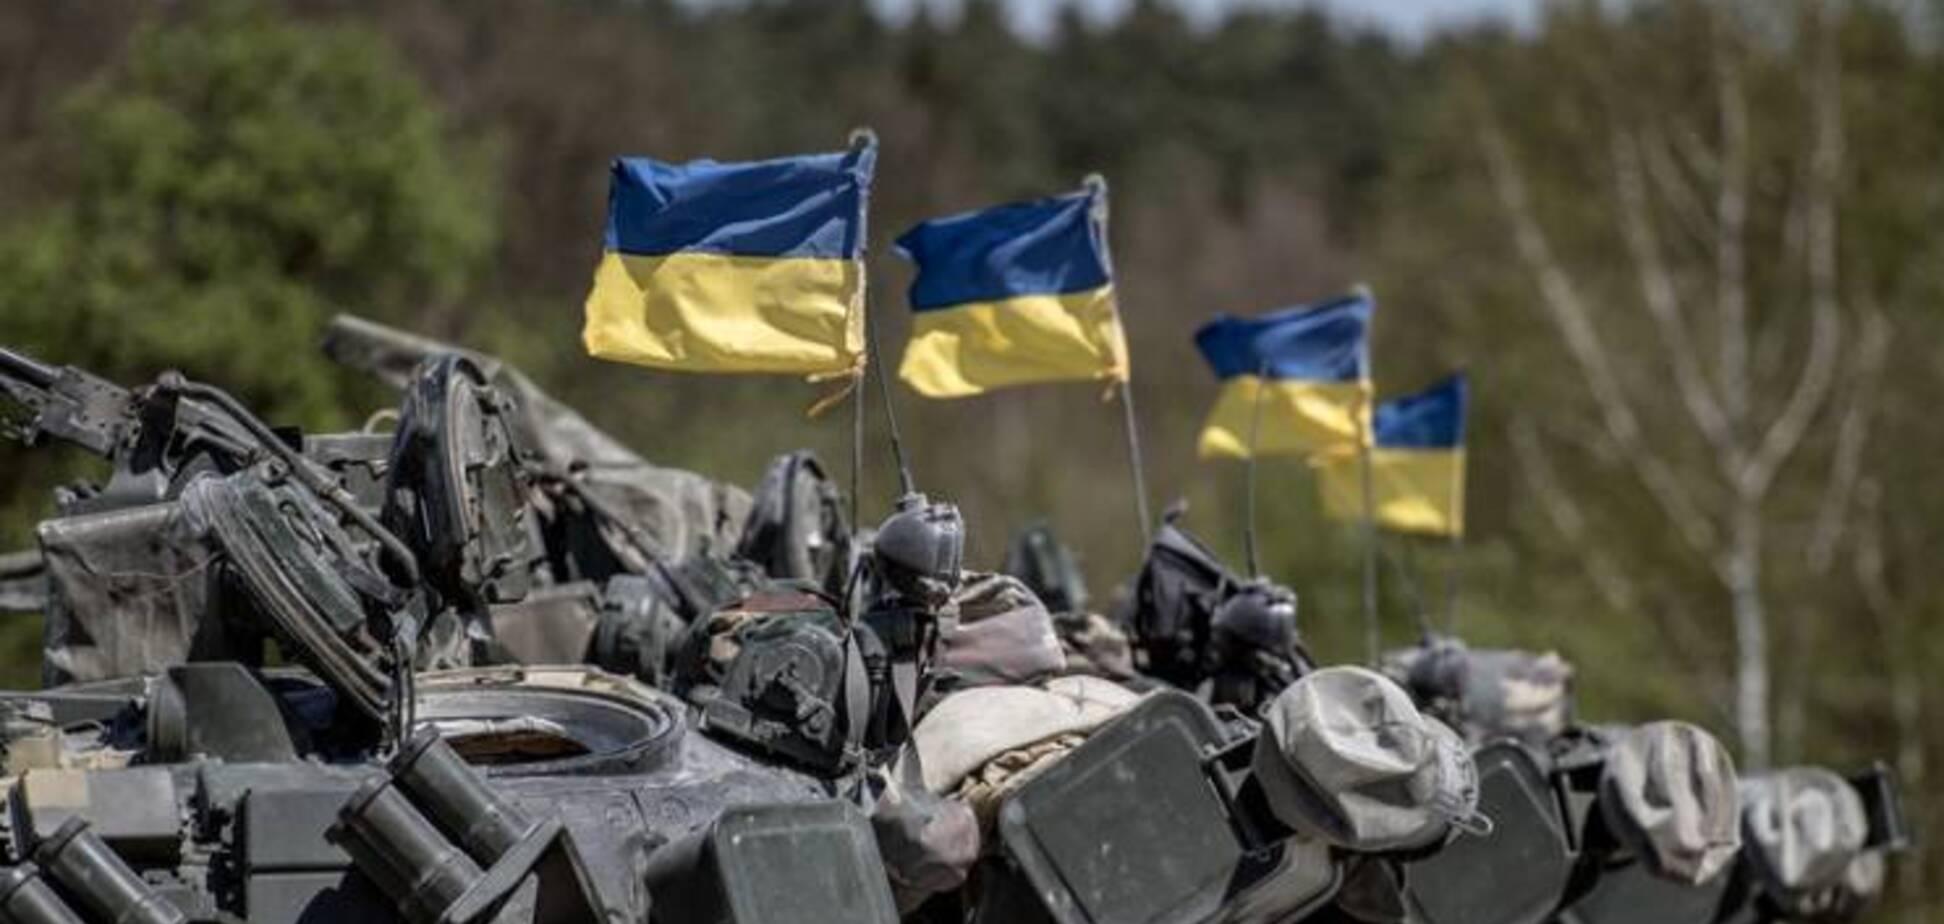 ВСУ накрыли террористов на Донбассе мощным ответным огнем: все детали